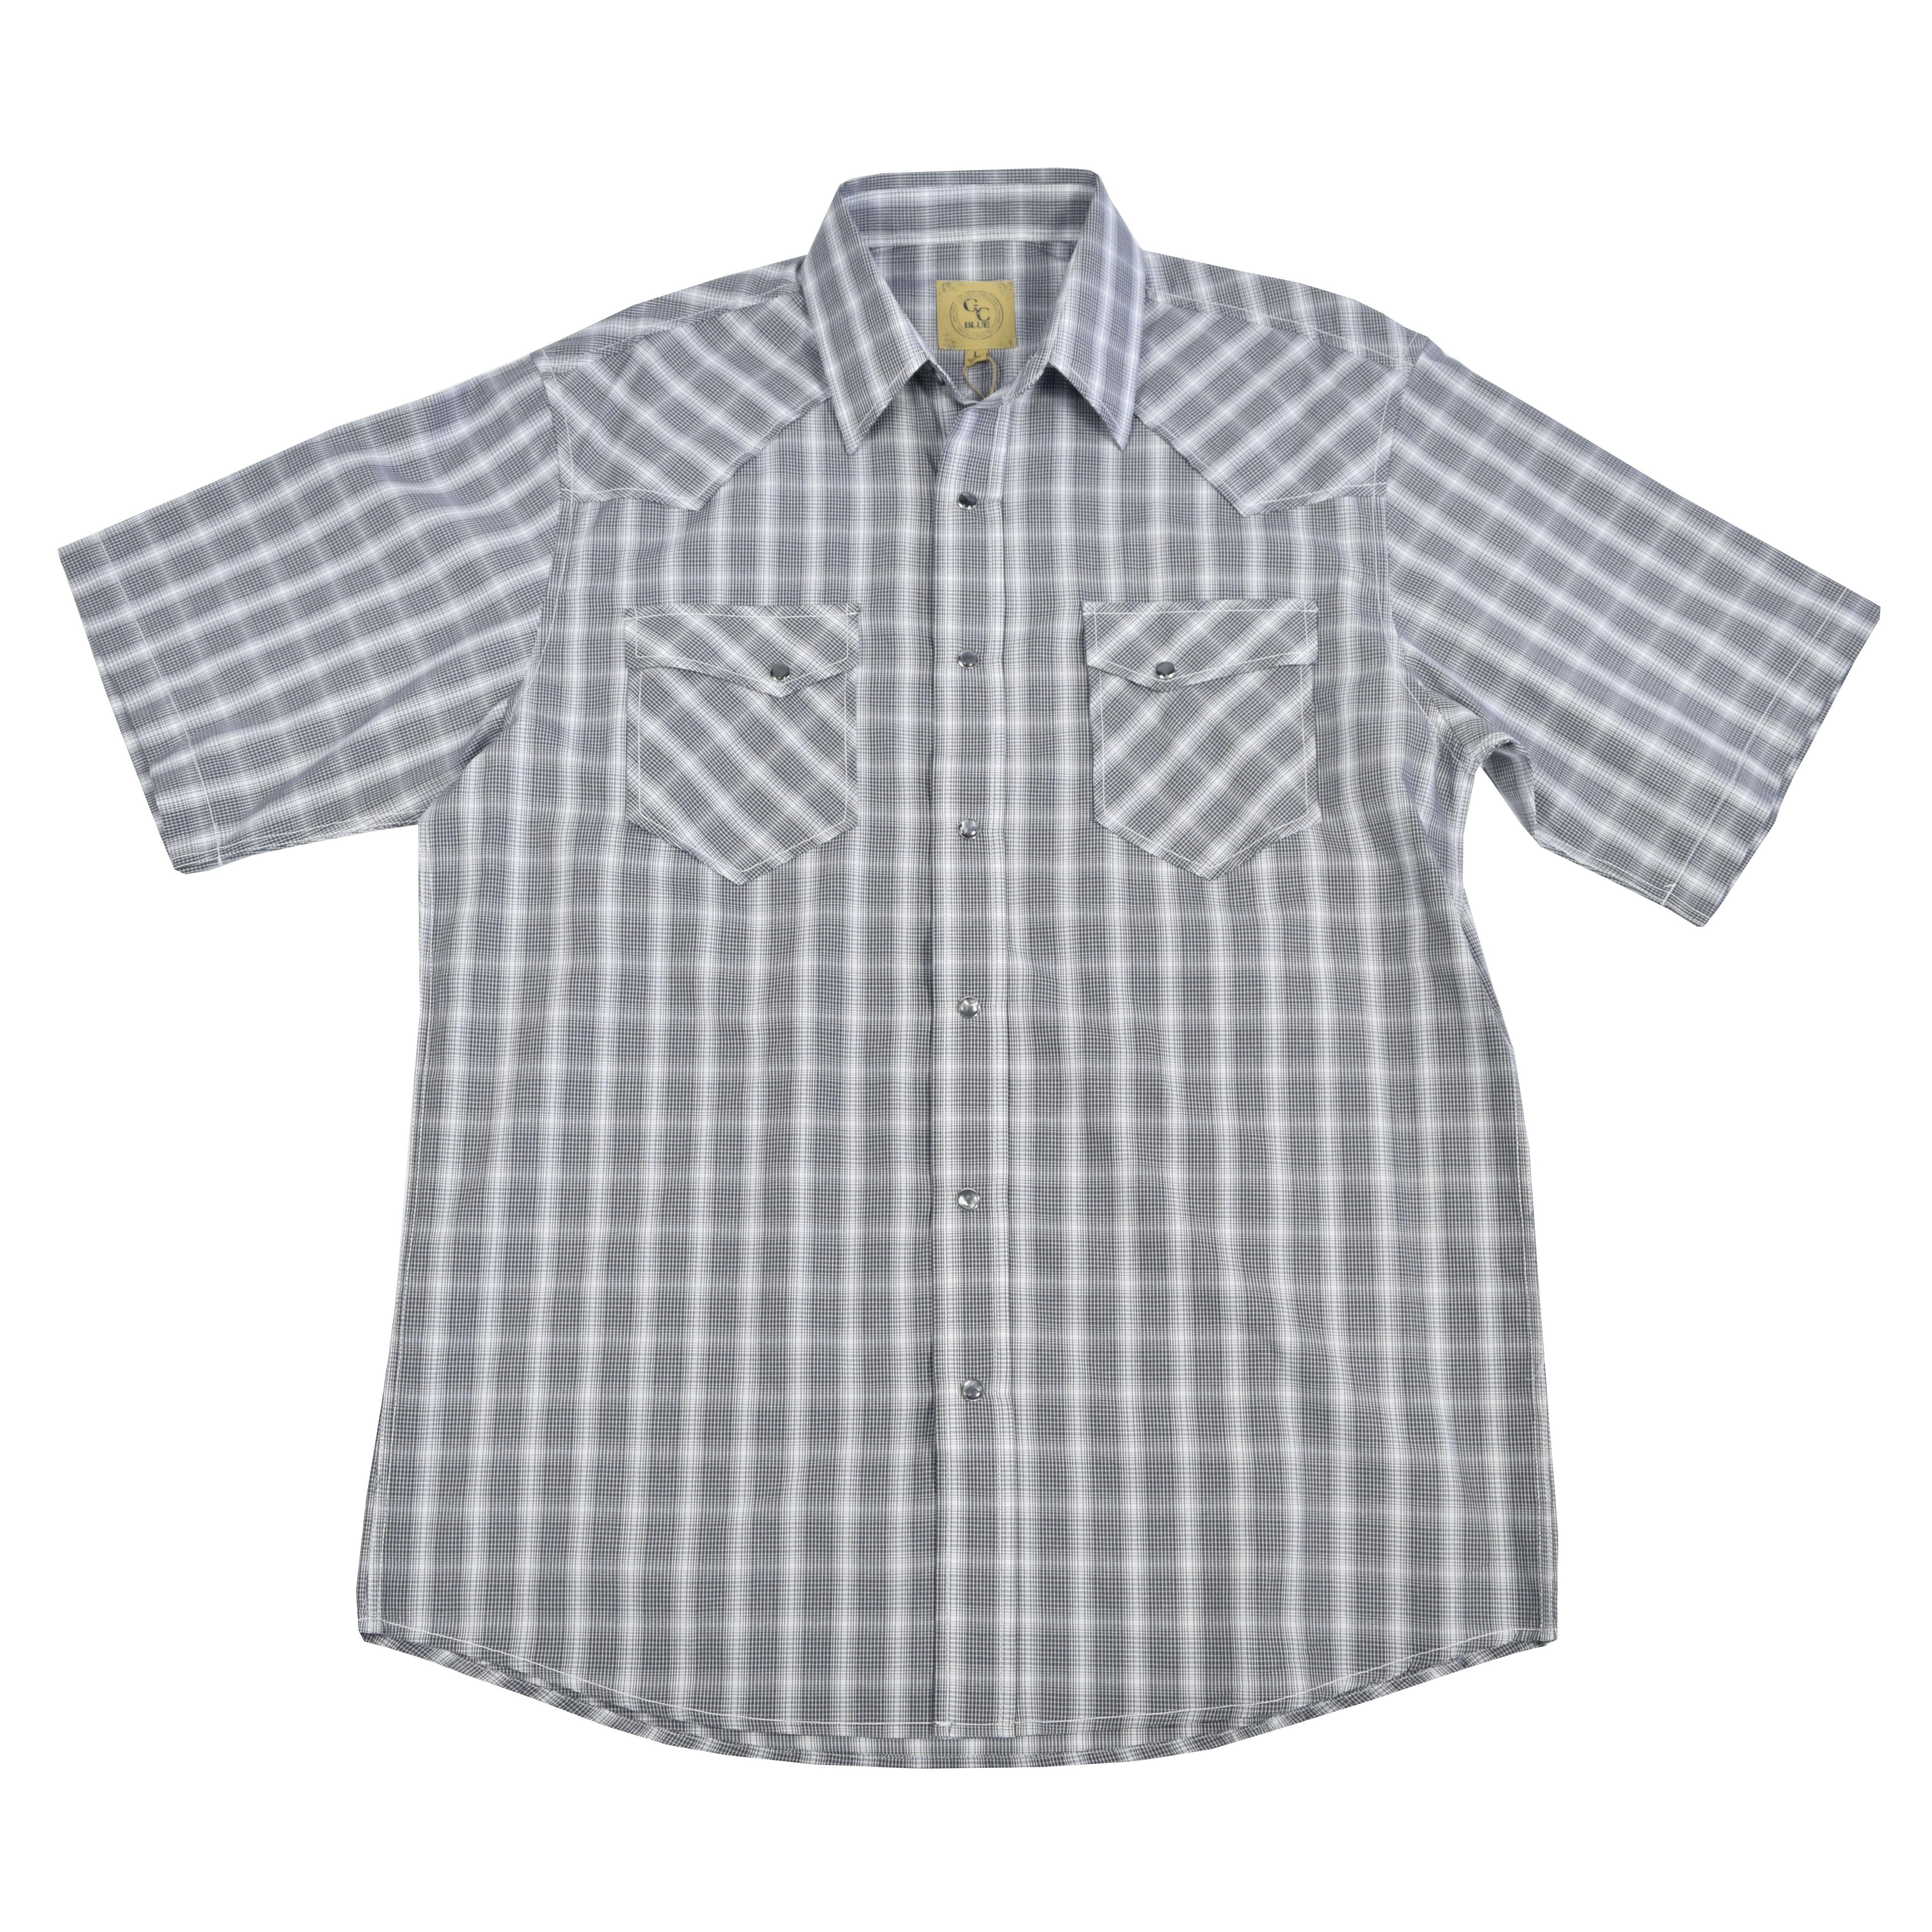 Gunnison Creek Outfitters - Men's Short Sleeve     - Murdoch's